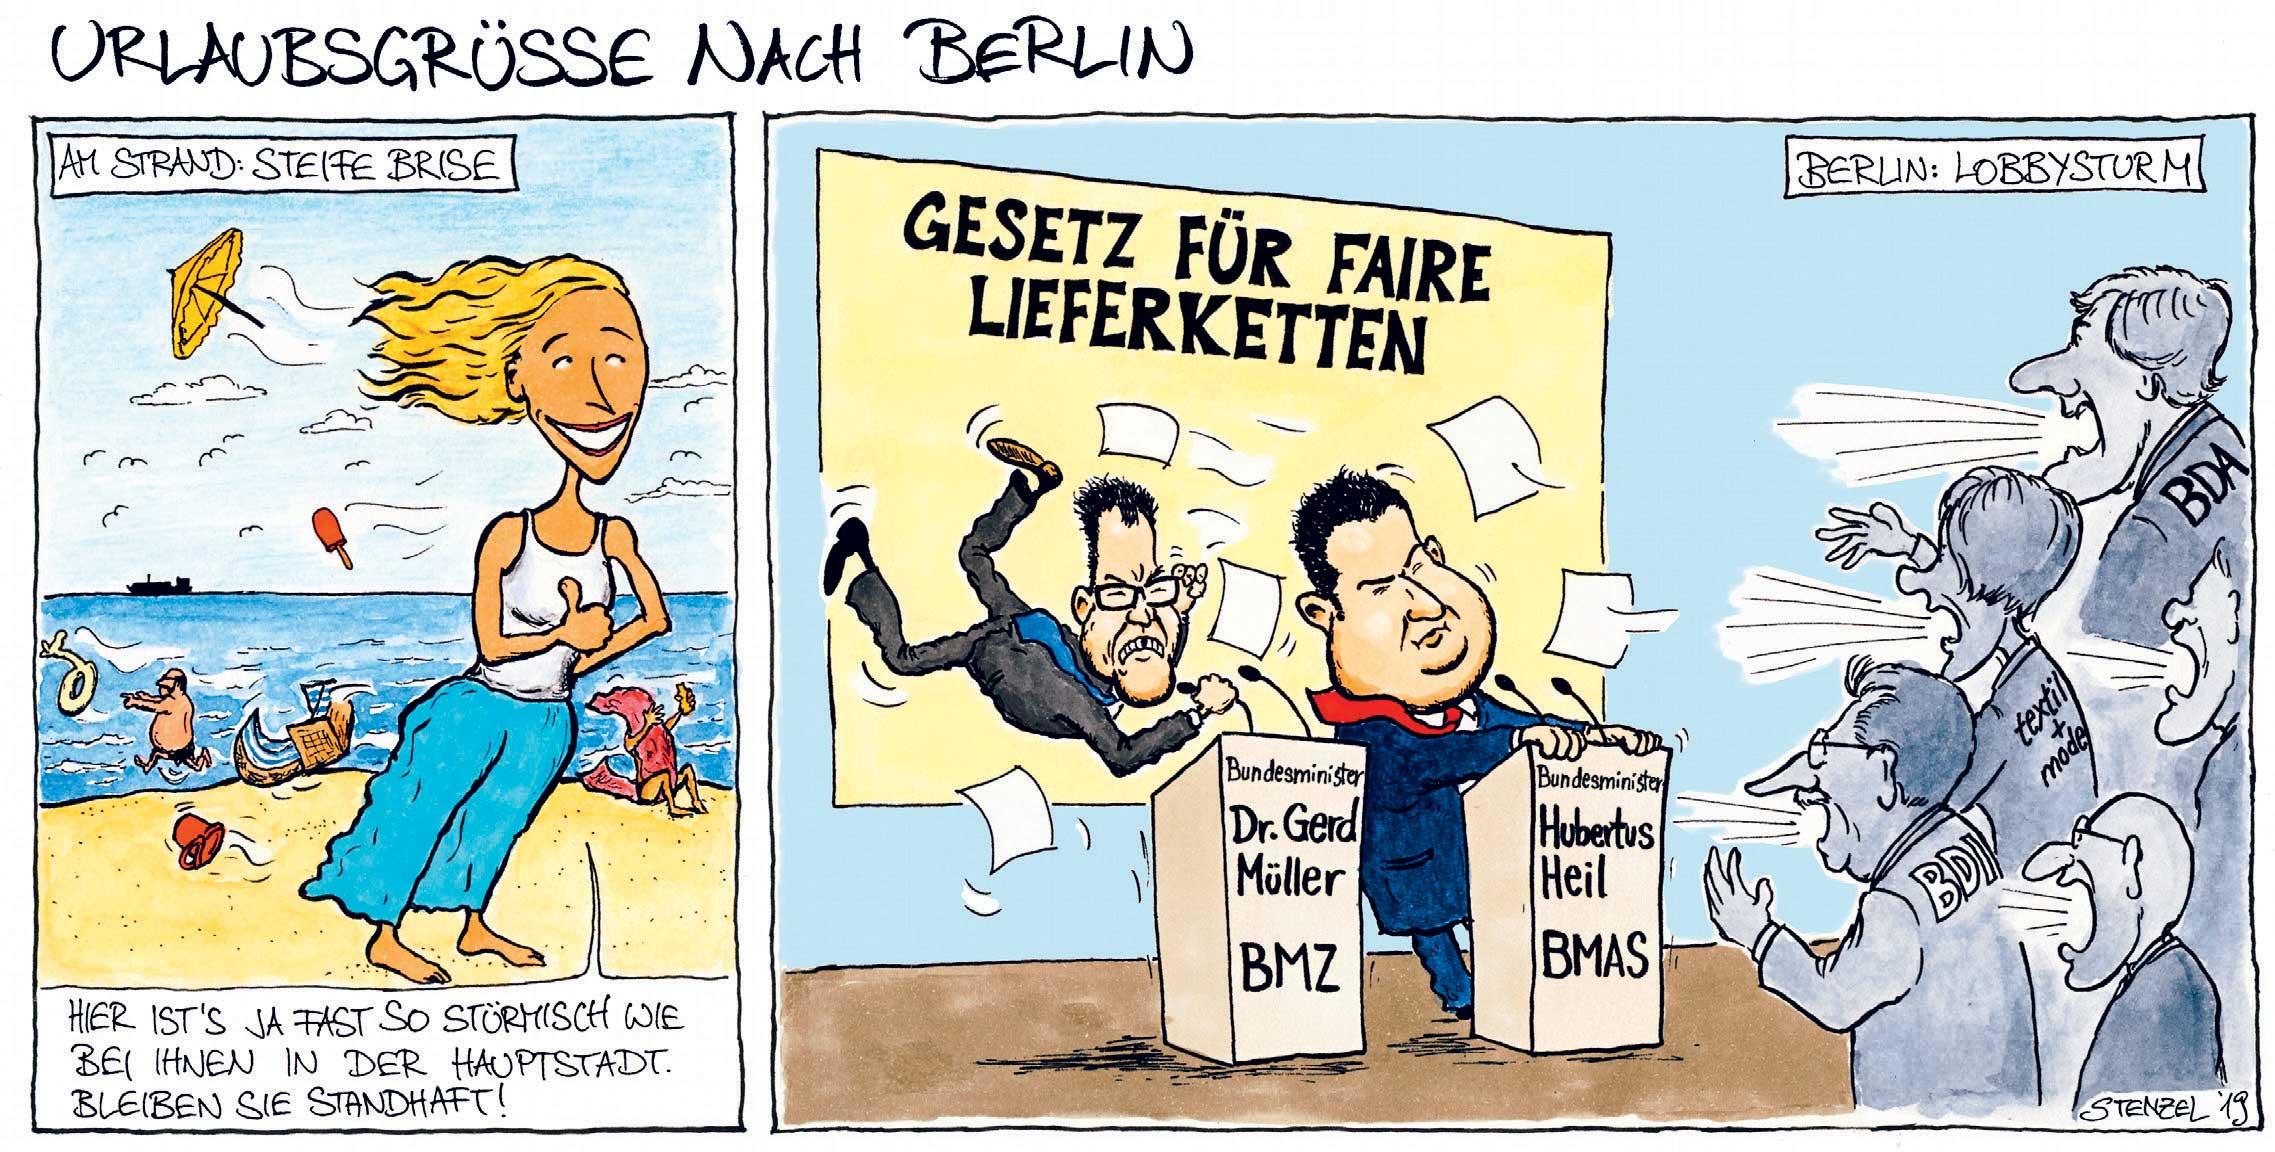 Minister Müller und Minister Heil stellen ihr Gesetz für faire Lieferketten vor und werden fast vom Lobbysturm der Wirtschaft weggepustet